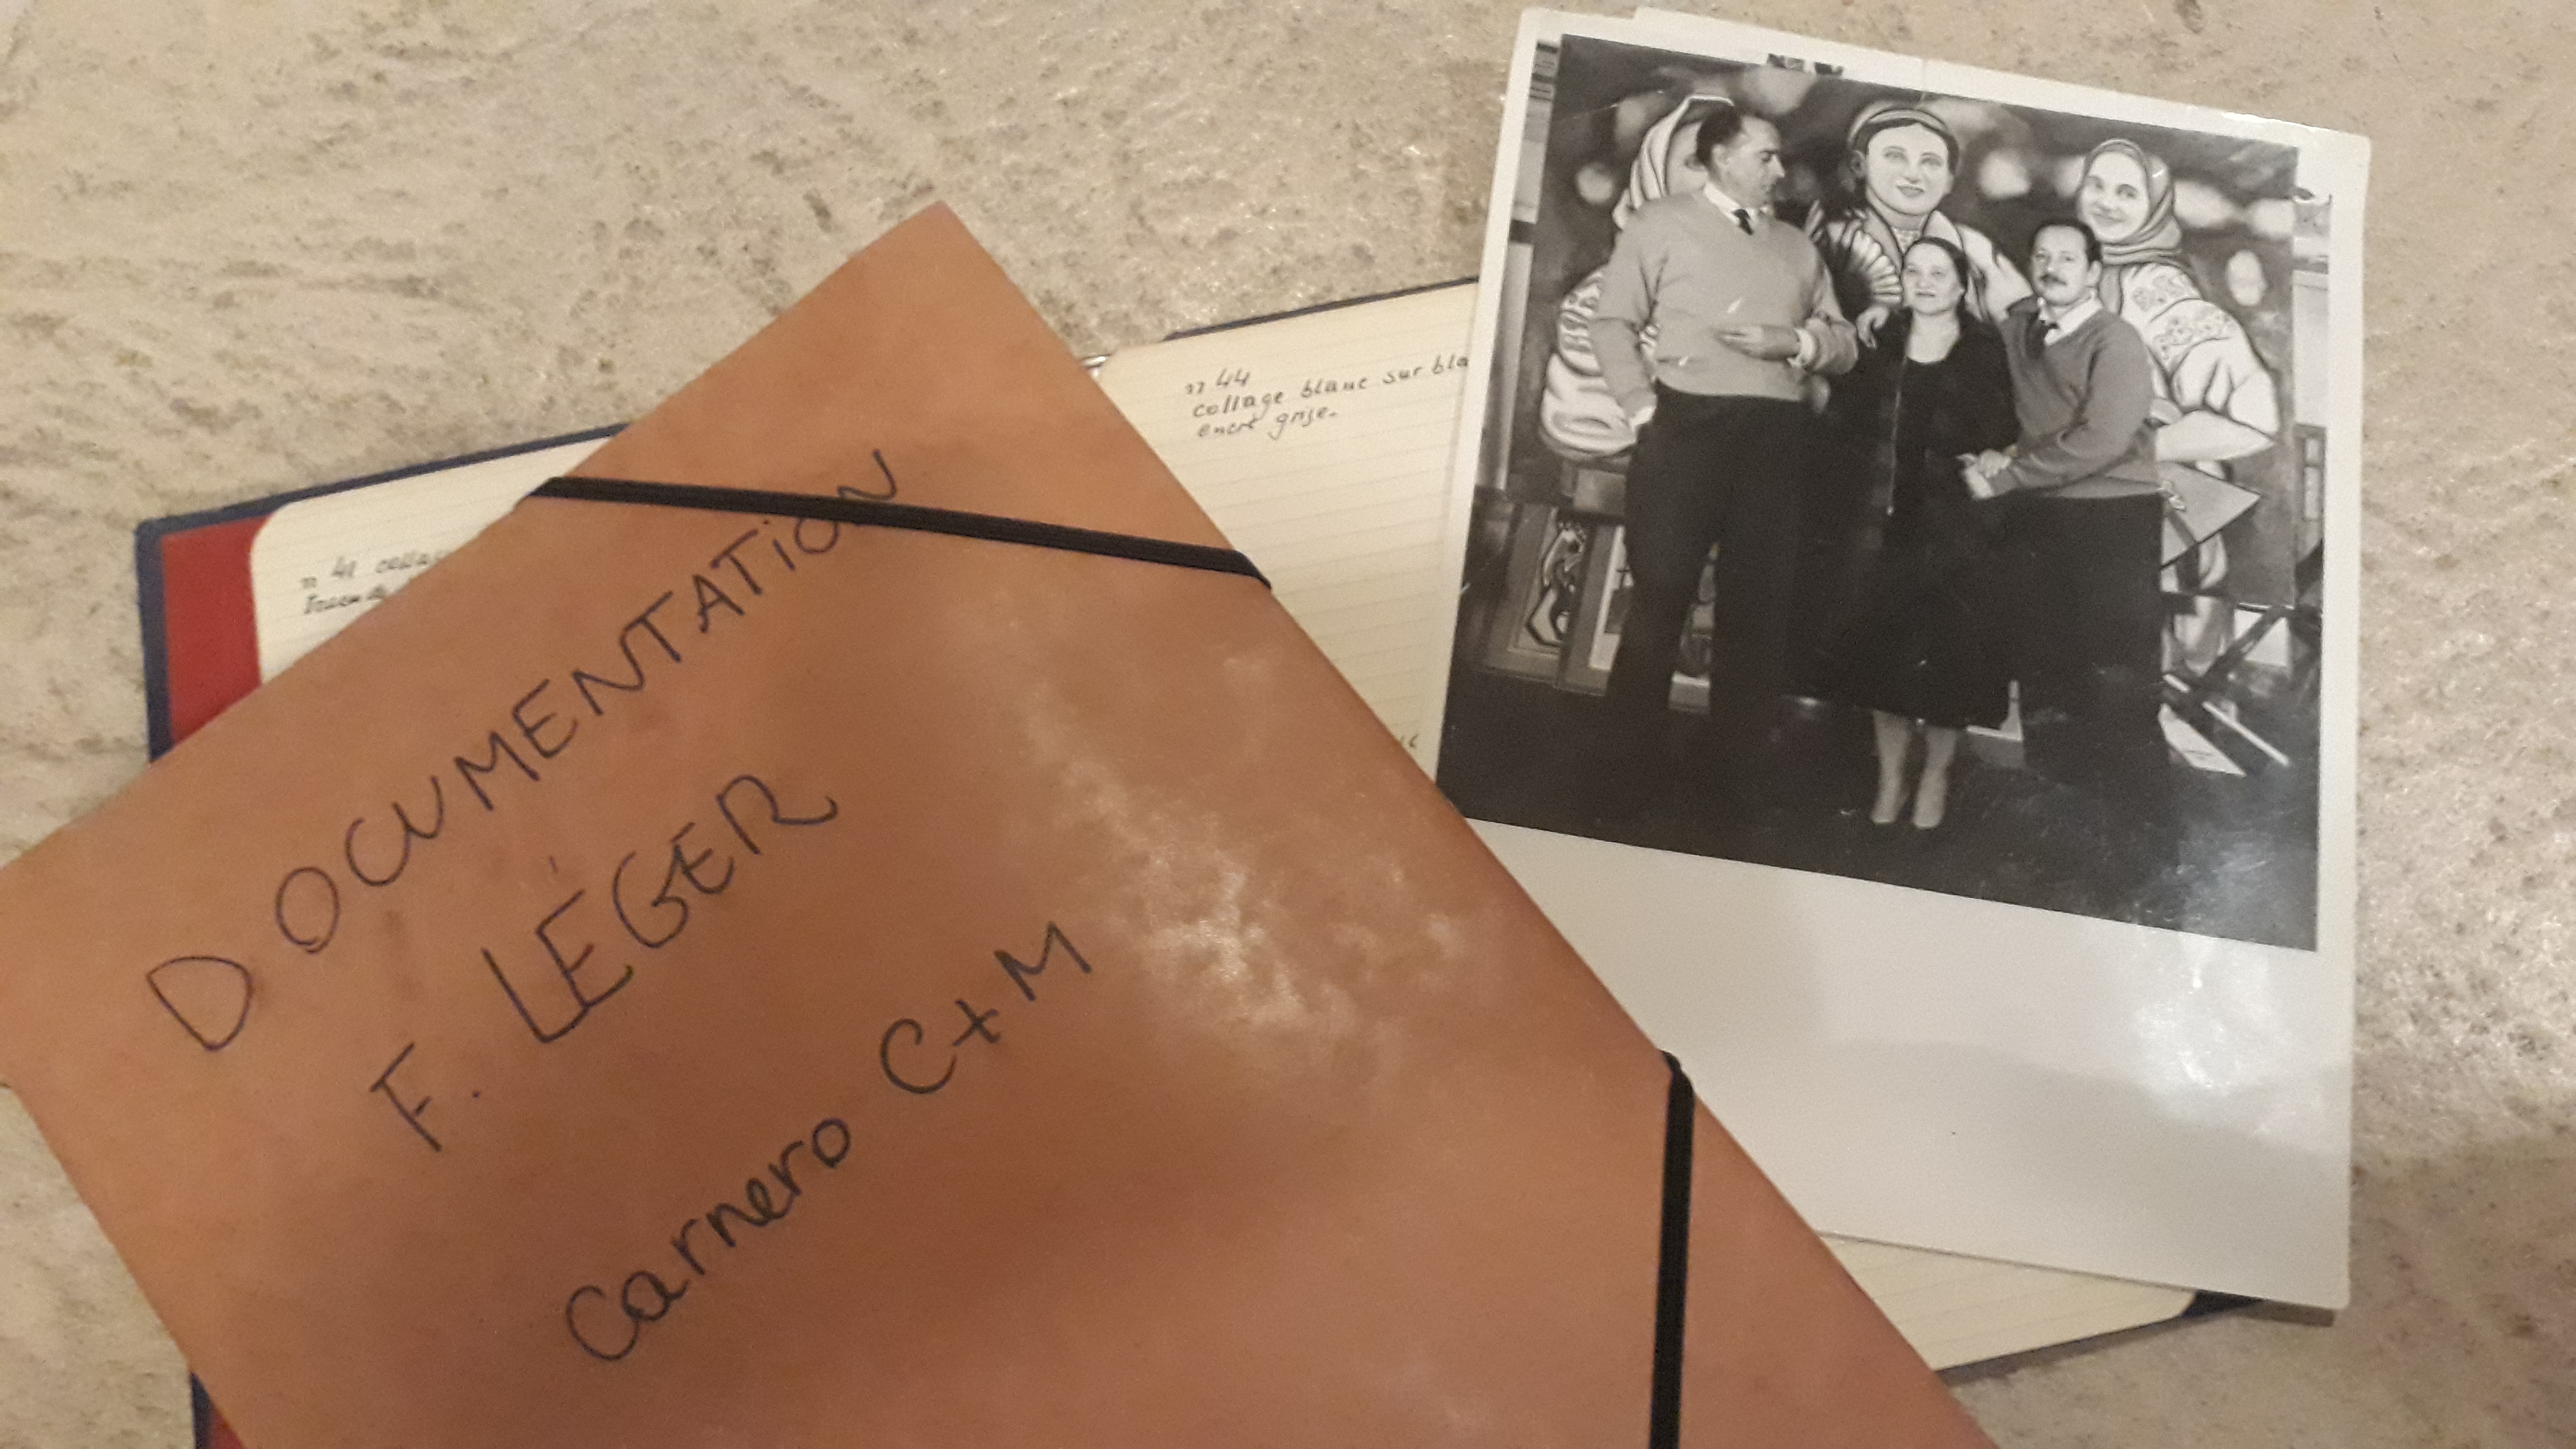 Les archives de Carlos Carnero